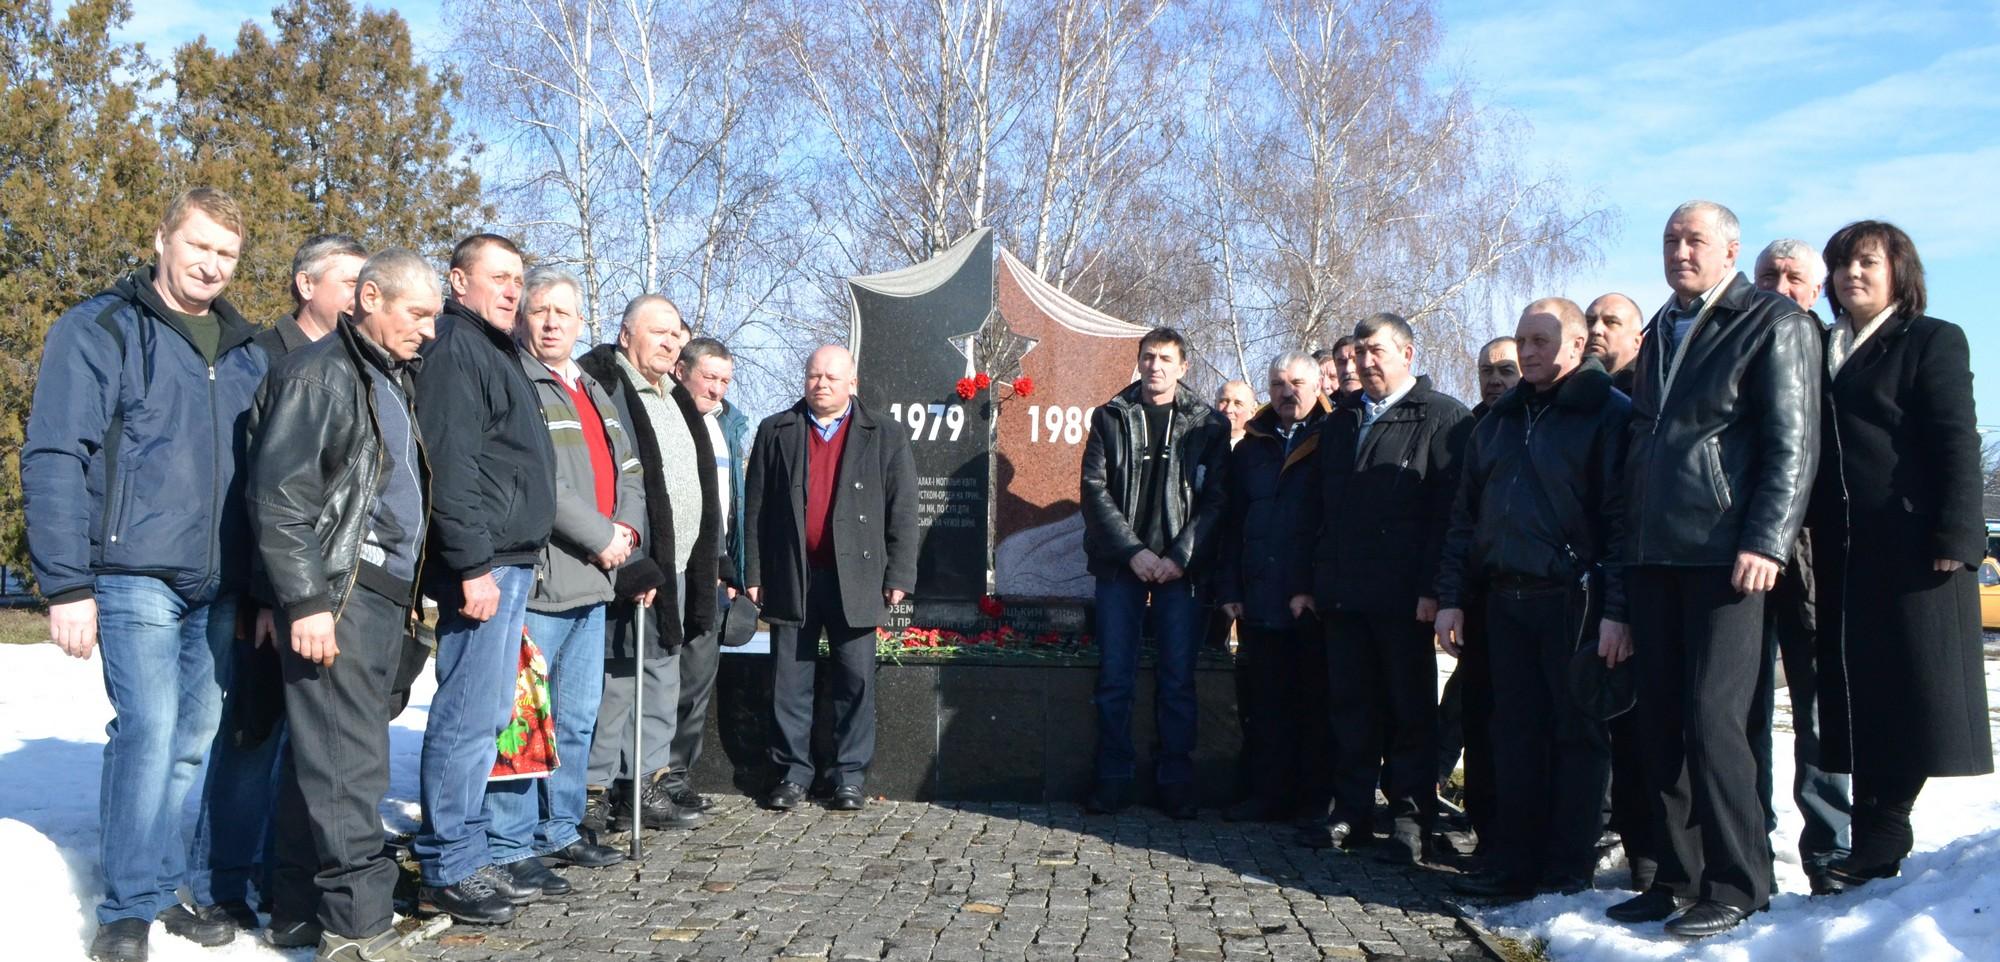 Оржиця, районна рада, воїни-інтернаціоналісти